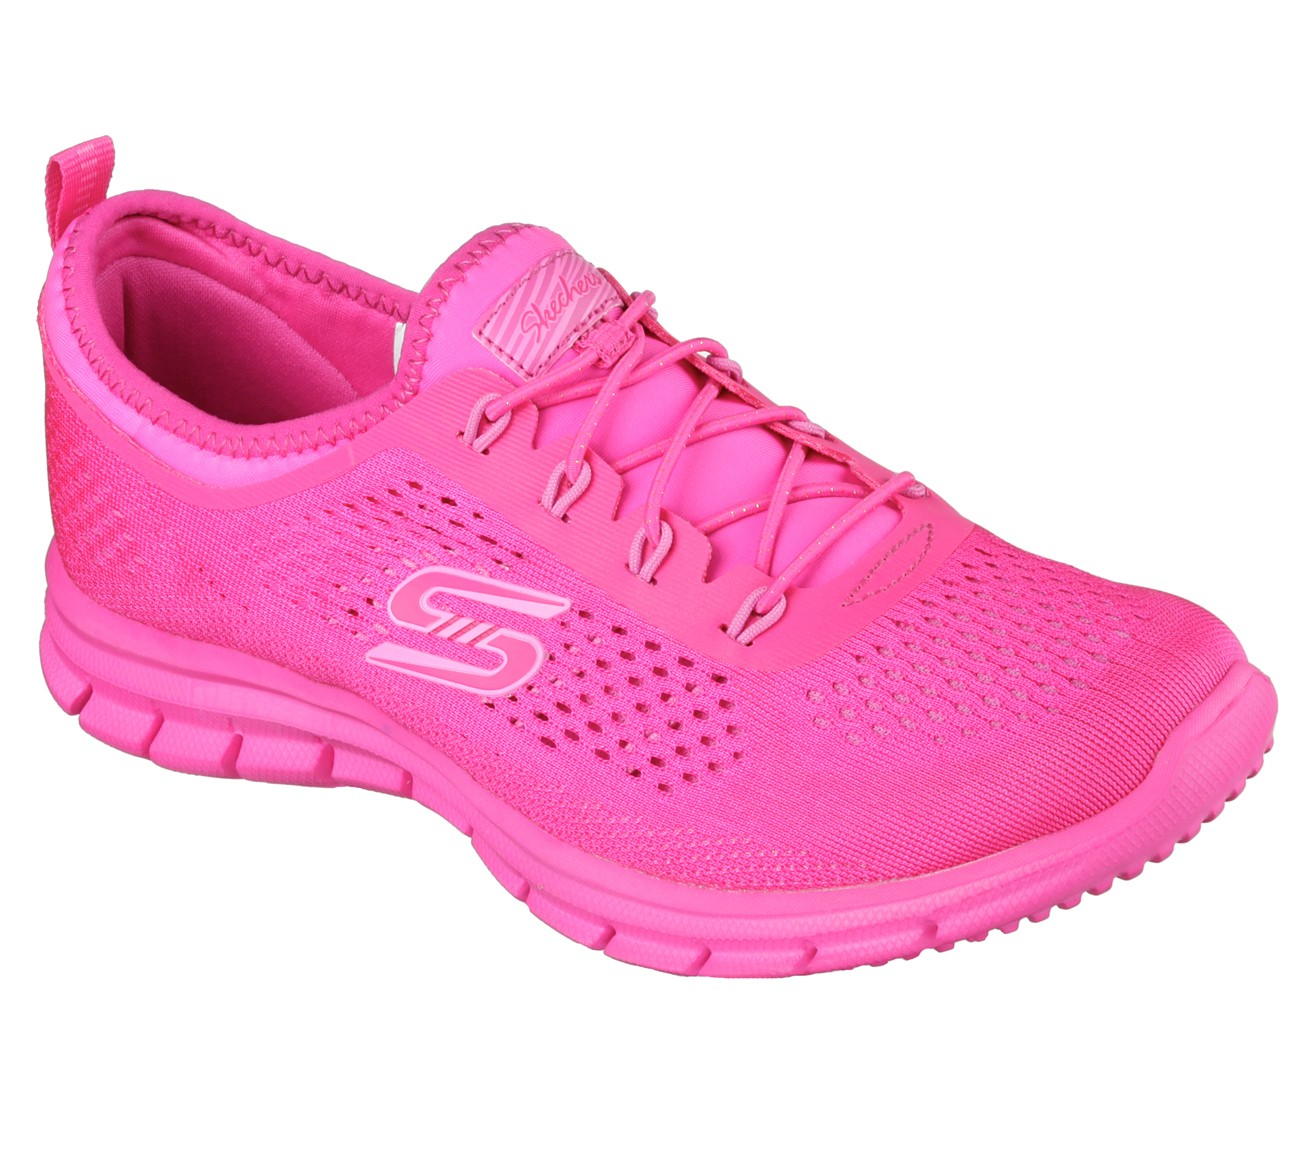 Skechers Bayan Yürüyüş Ayakkabısı Modelleri-Ayakkabı Modelleri (26)